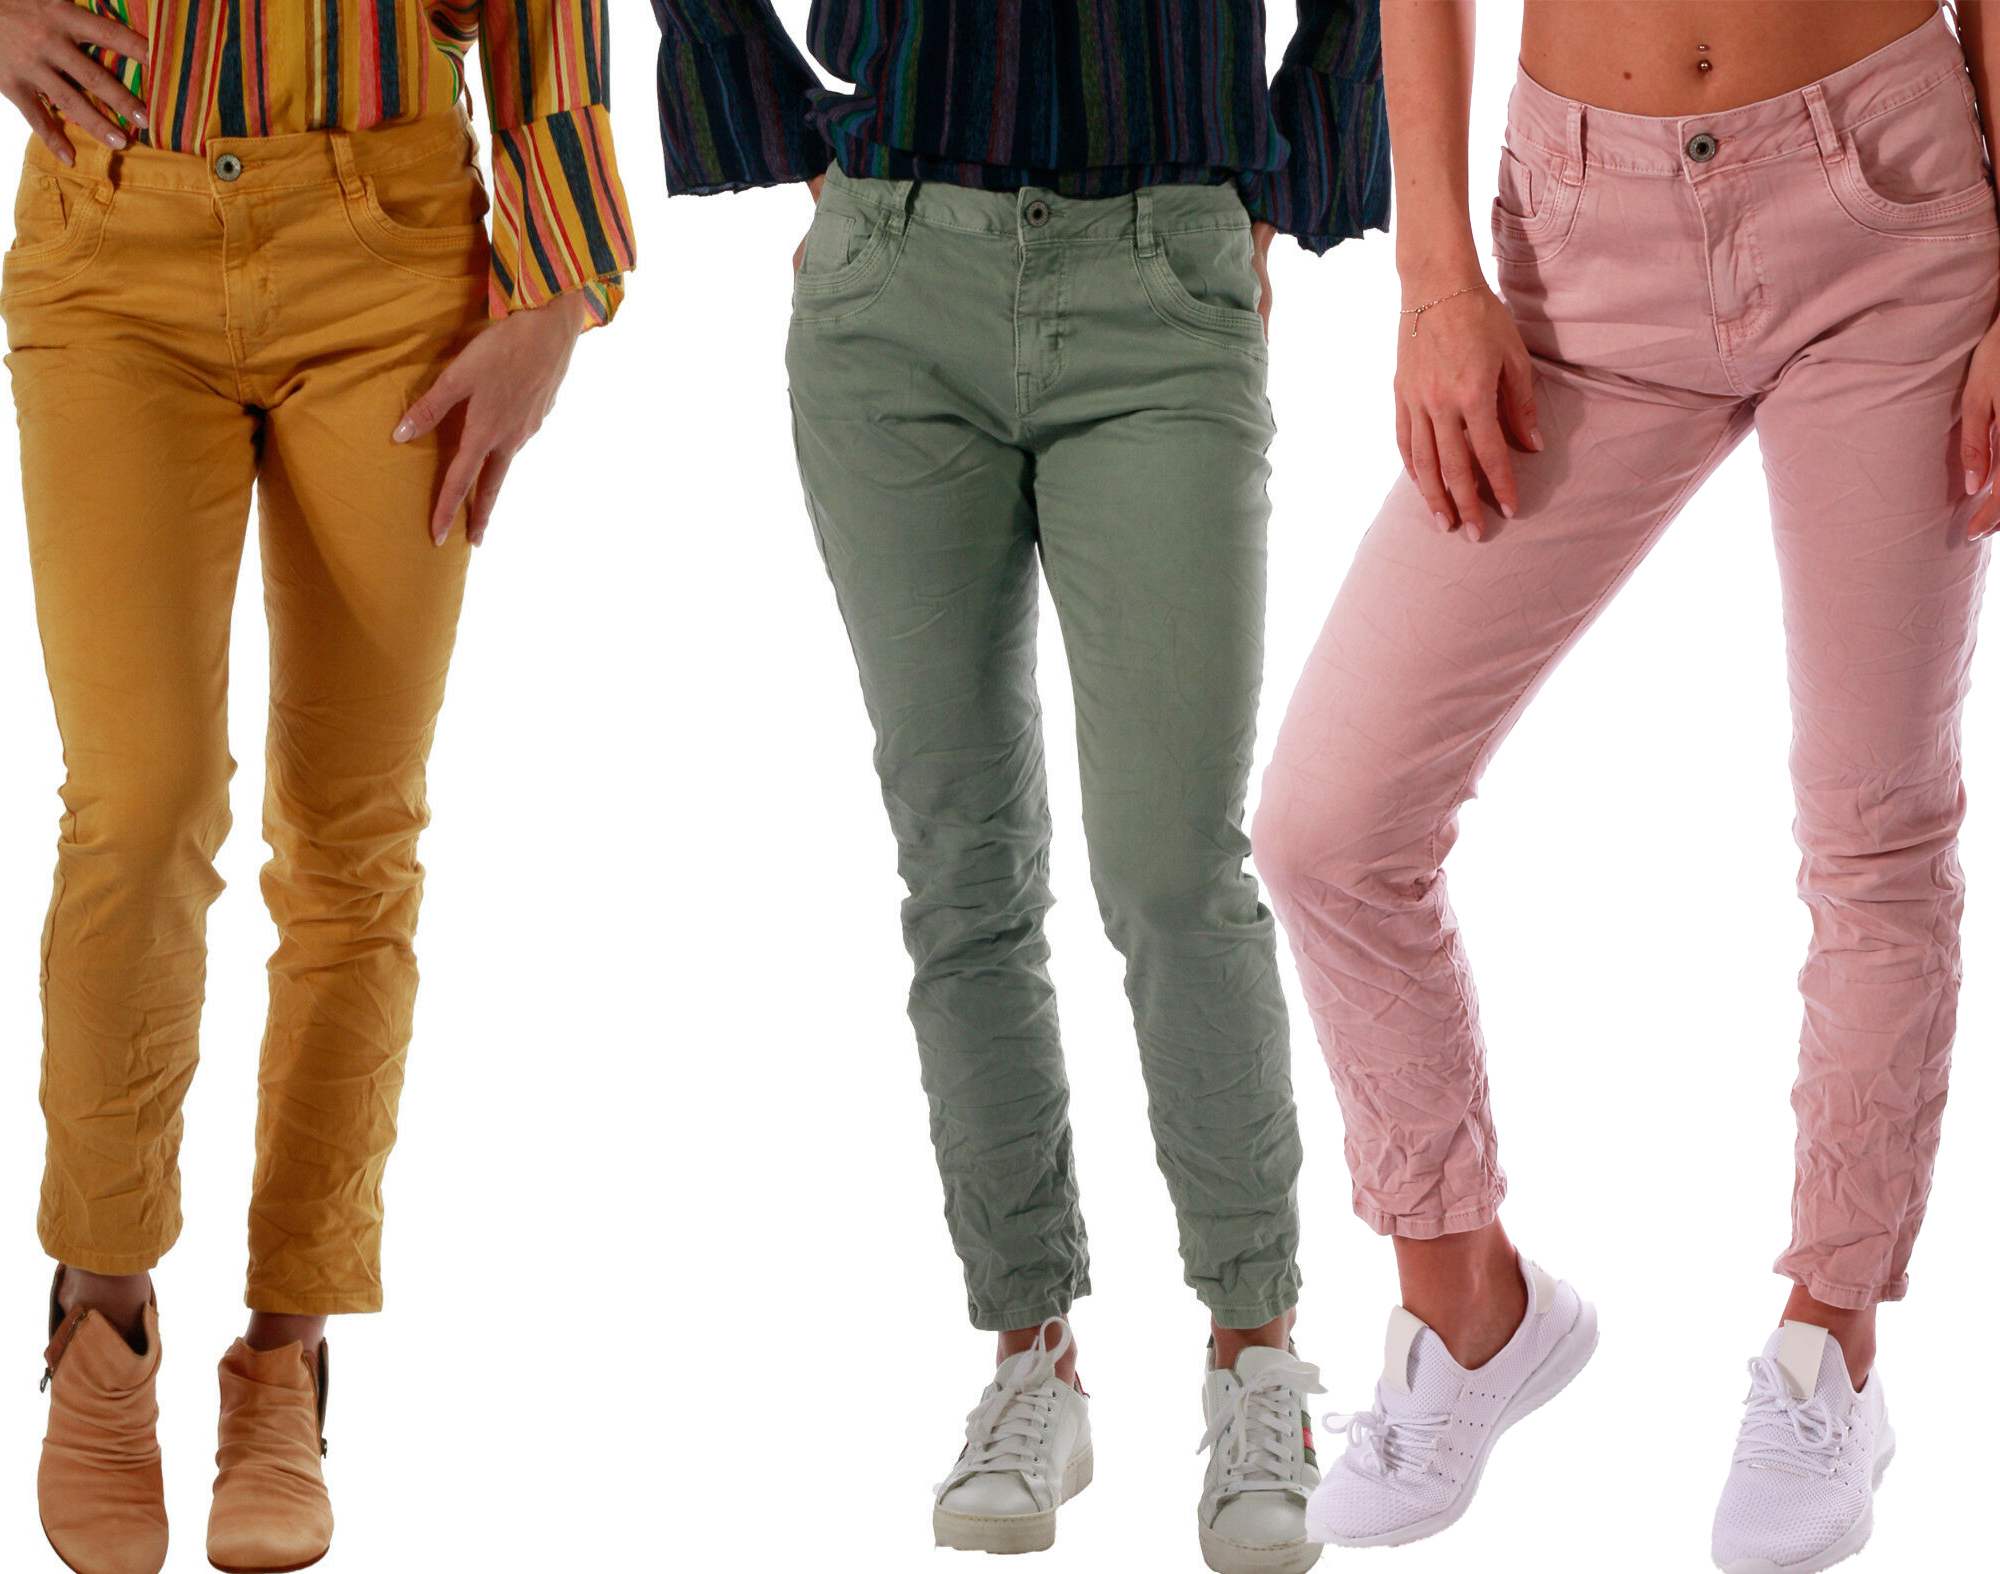 9089ef5c3252bb Jeans Mode in Karlsruhe finden Sie bei Charis Moda - Lifestyle im Store  oder im Online Shop